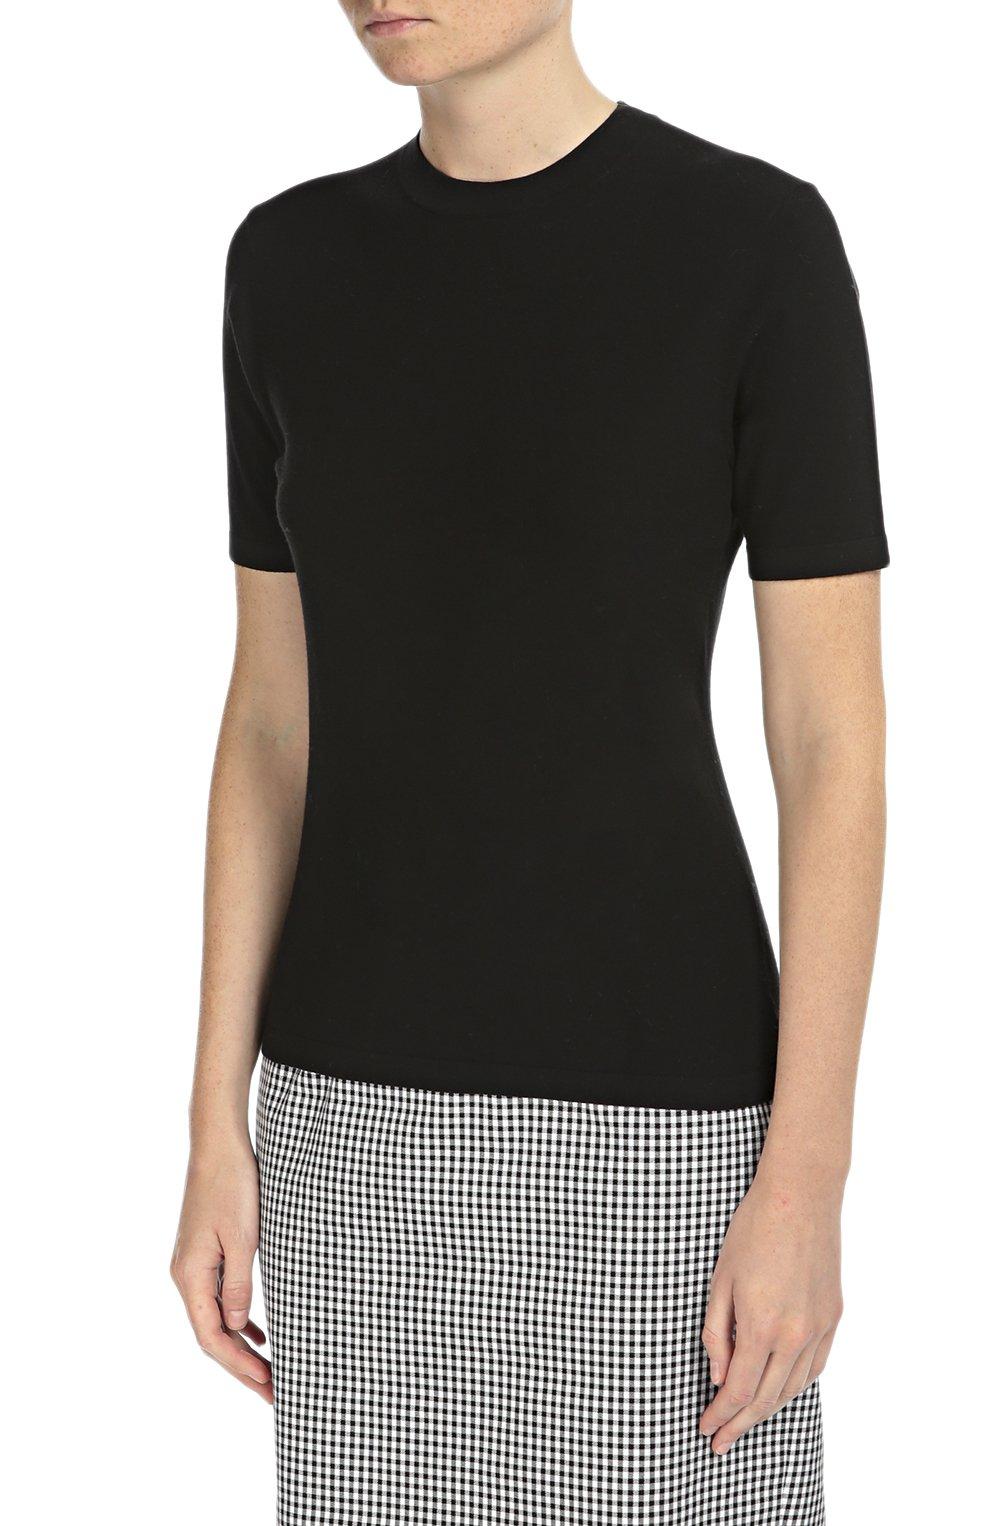 Пуловер с короткими рукавами с доставкой